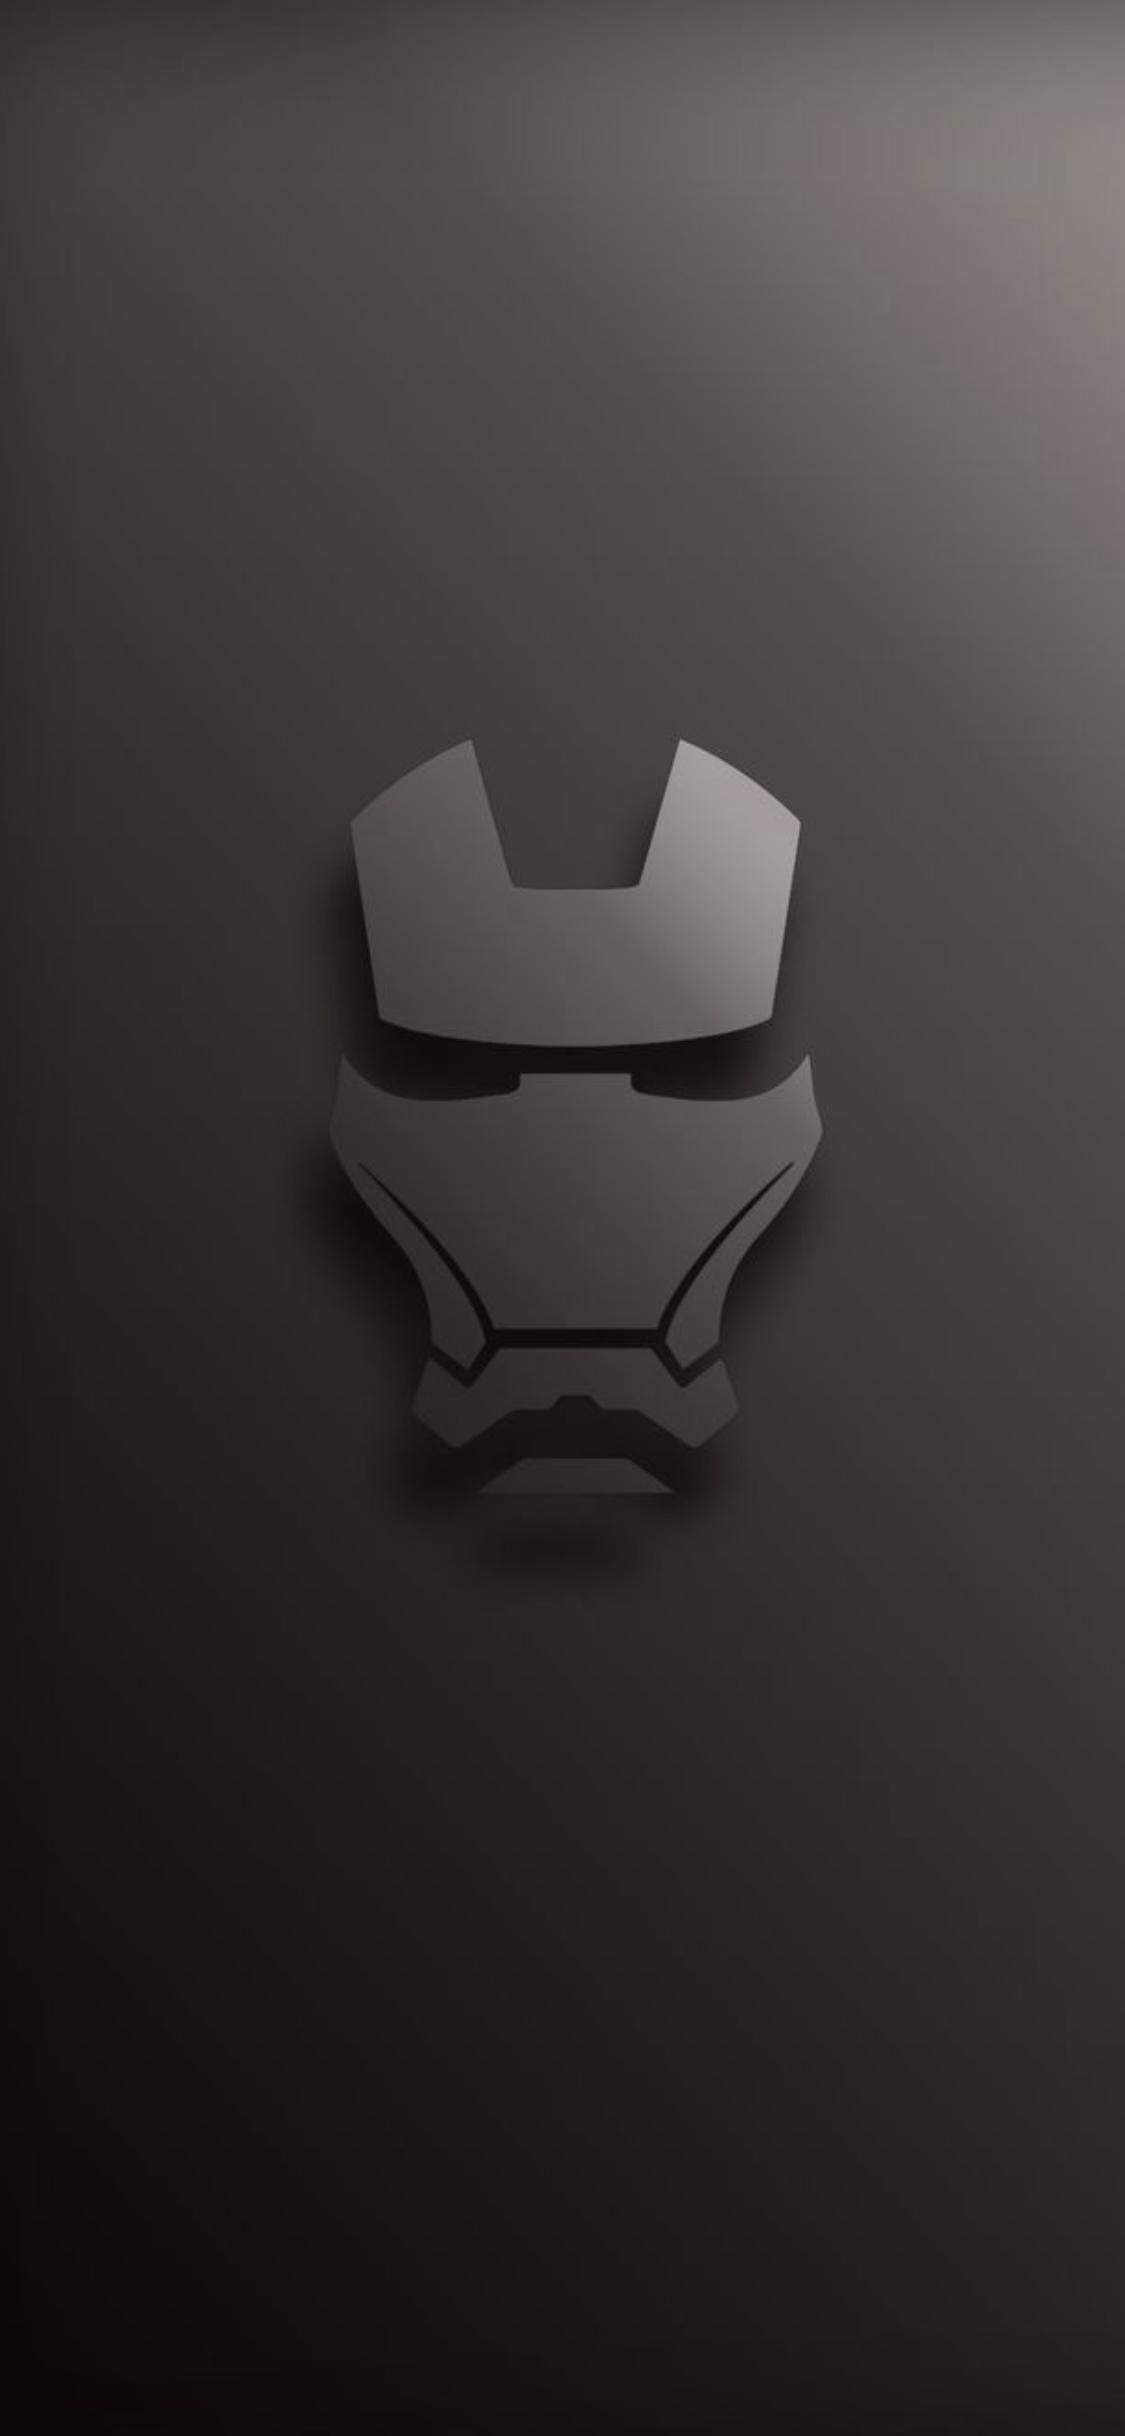 Pin On Ironman Logo